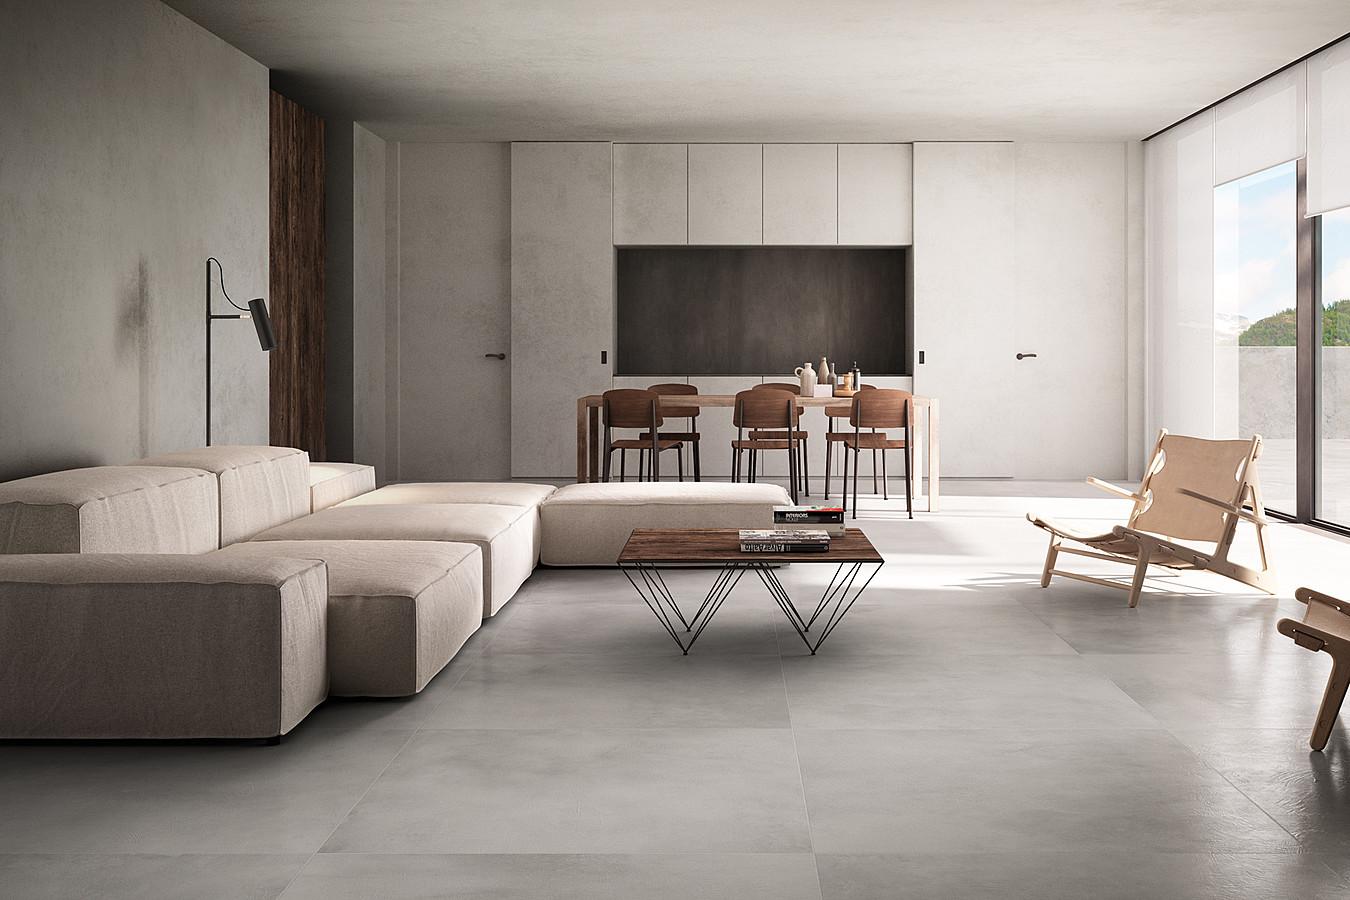 Hq Resin By Graniti Fiandre Tile Expert Distributor Of Italian Tiles